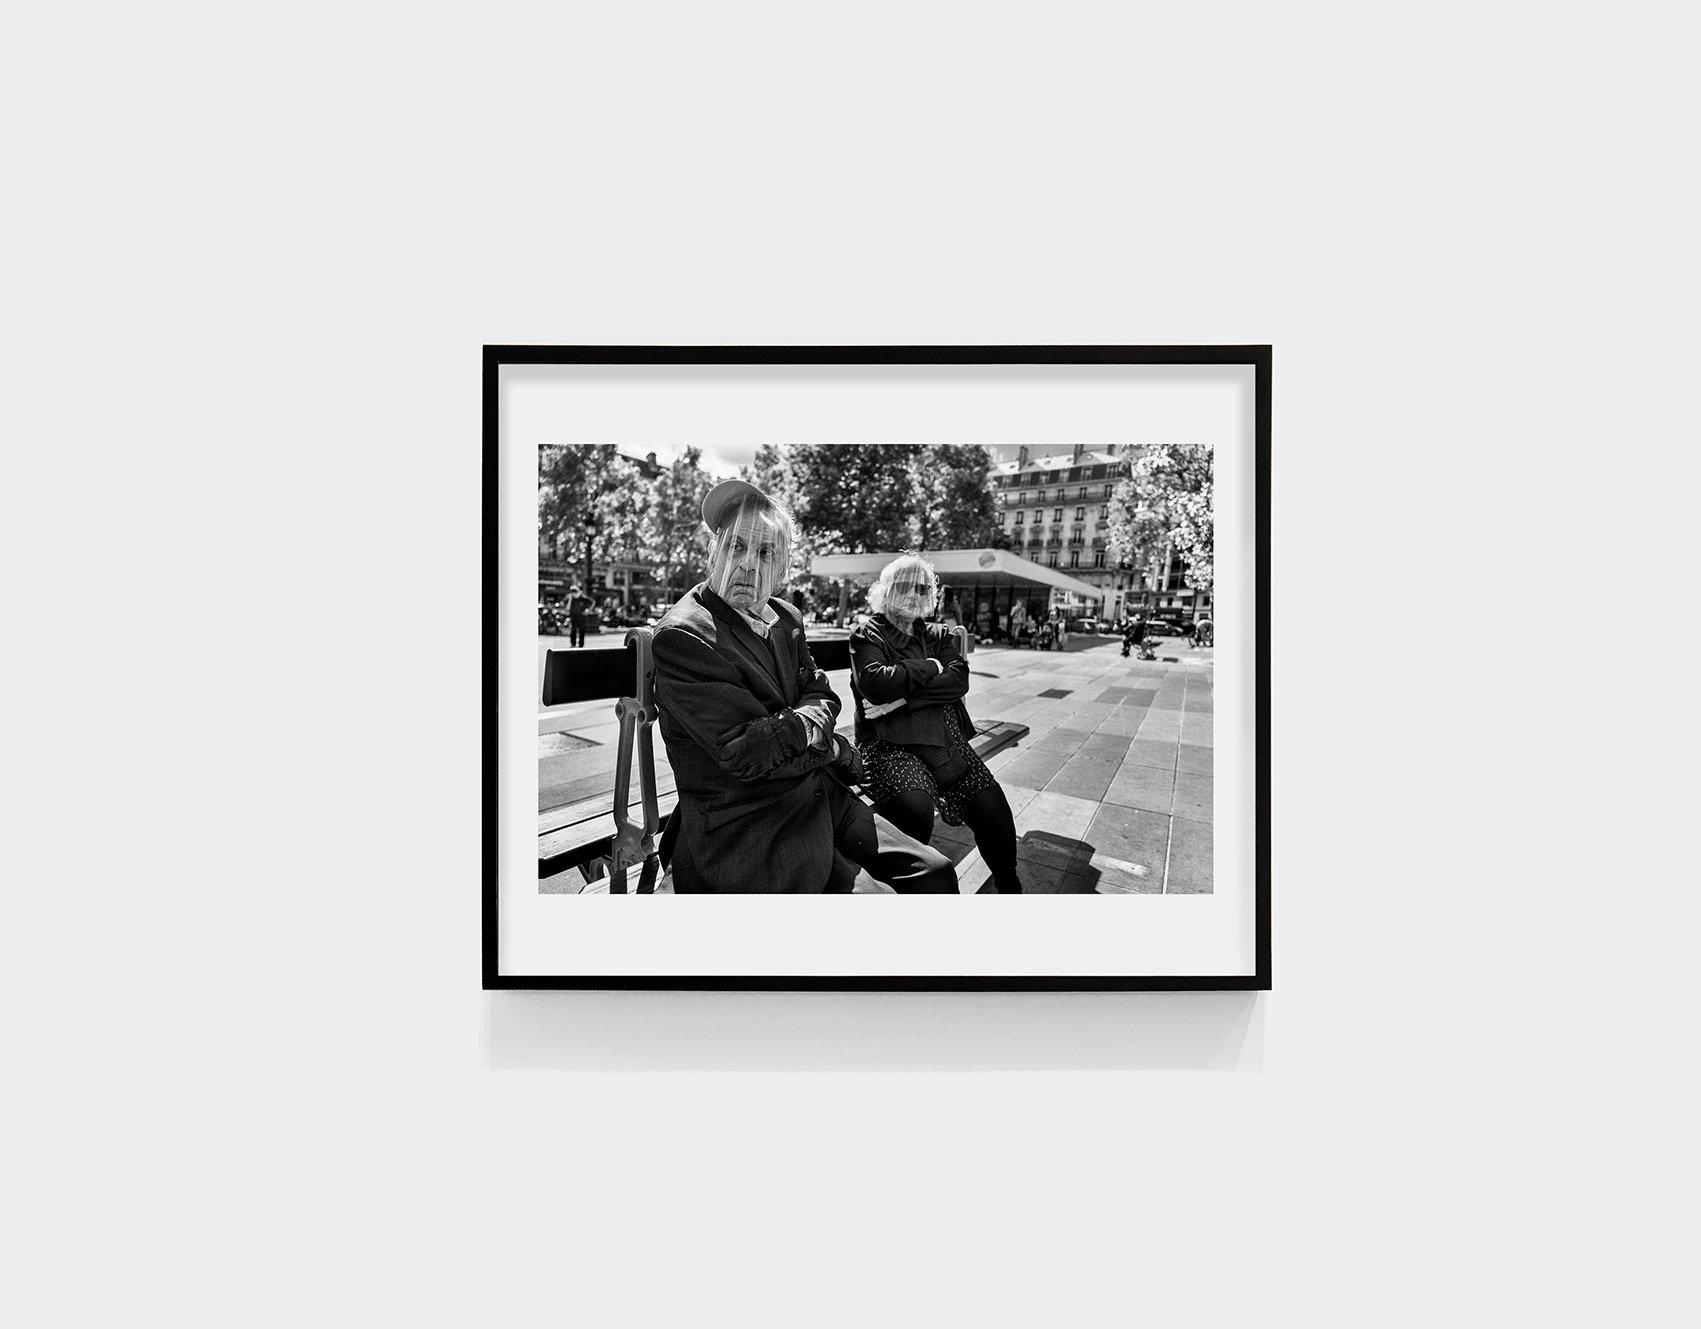 Tirage_Laurent_Delhourme_Place_de_la_Republique